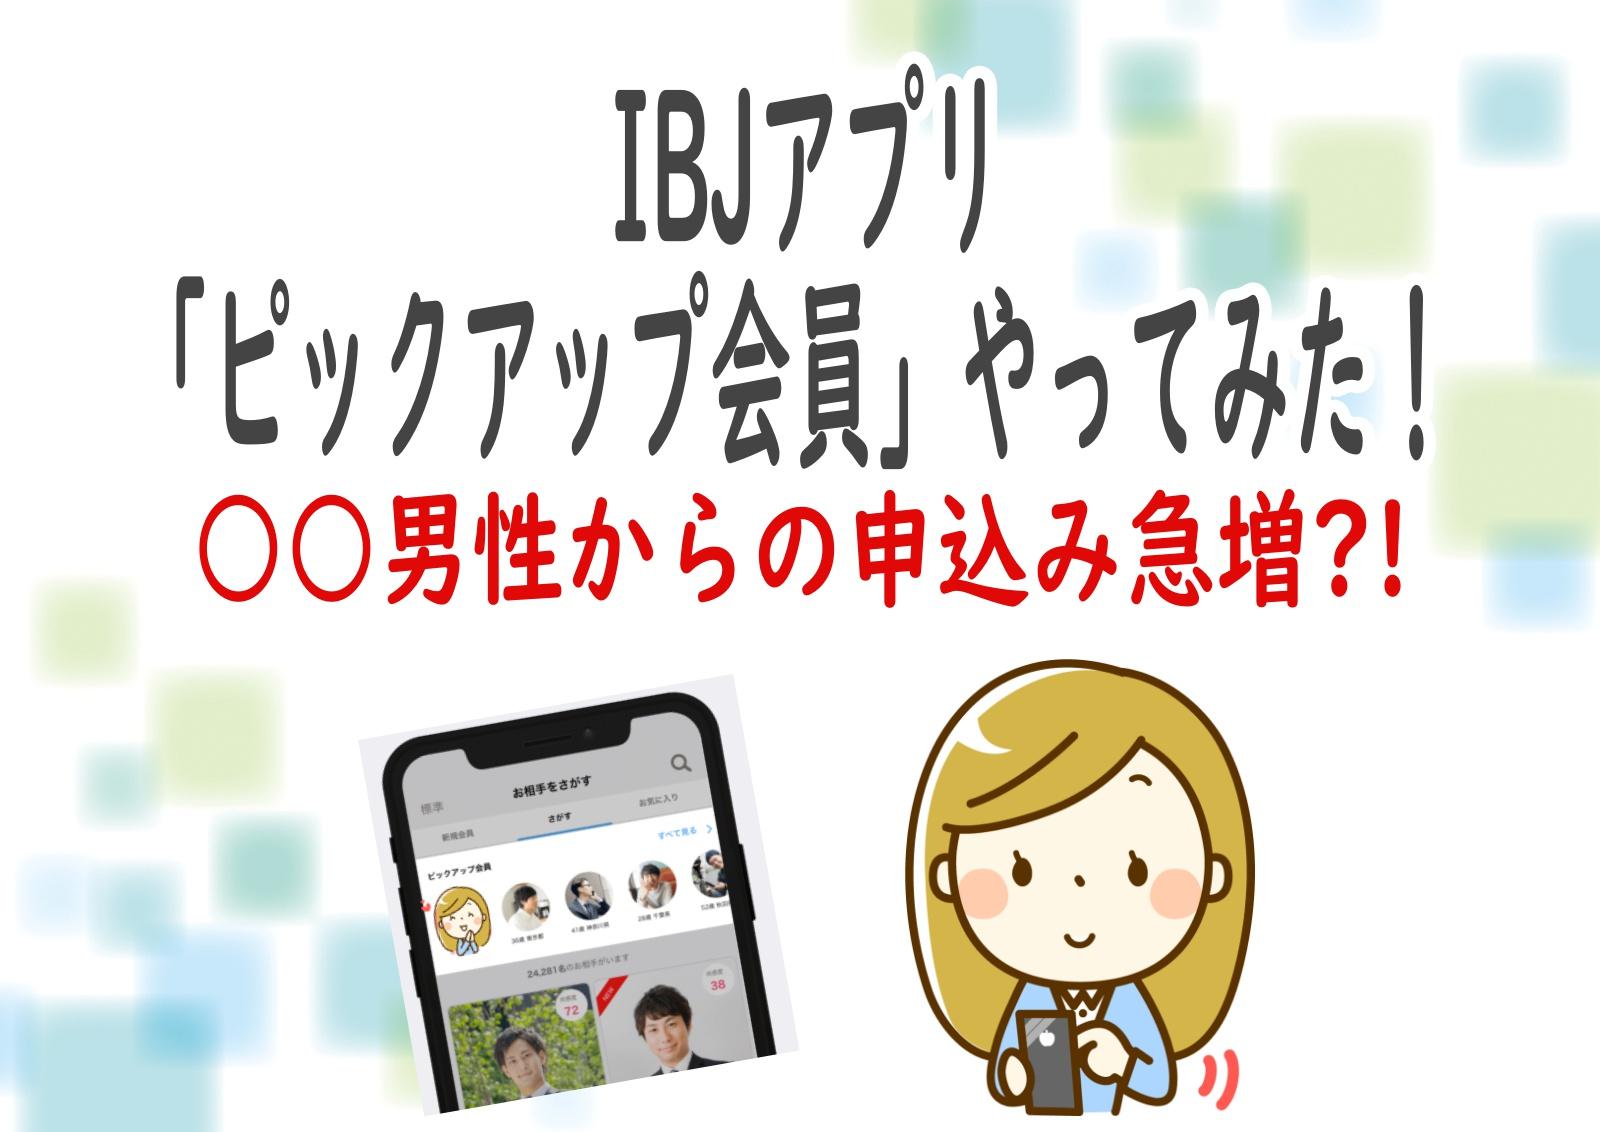 IBJアプリ「ピックアップ会員」やってみた。○○男性からの申込み急増